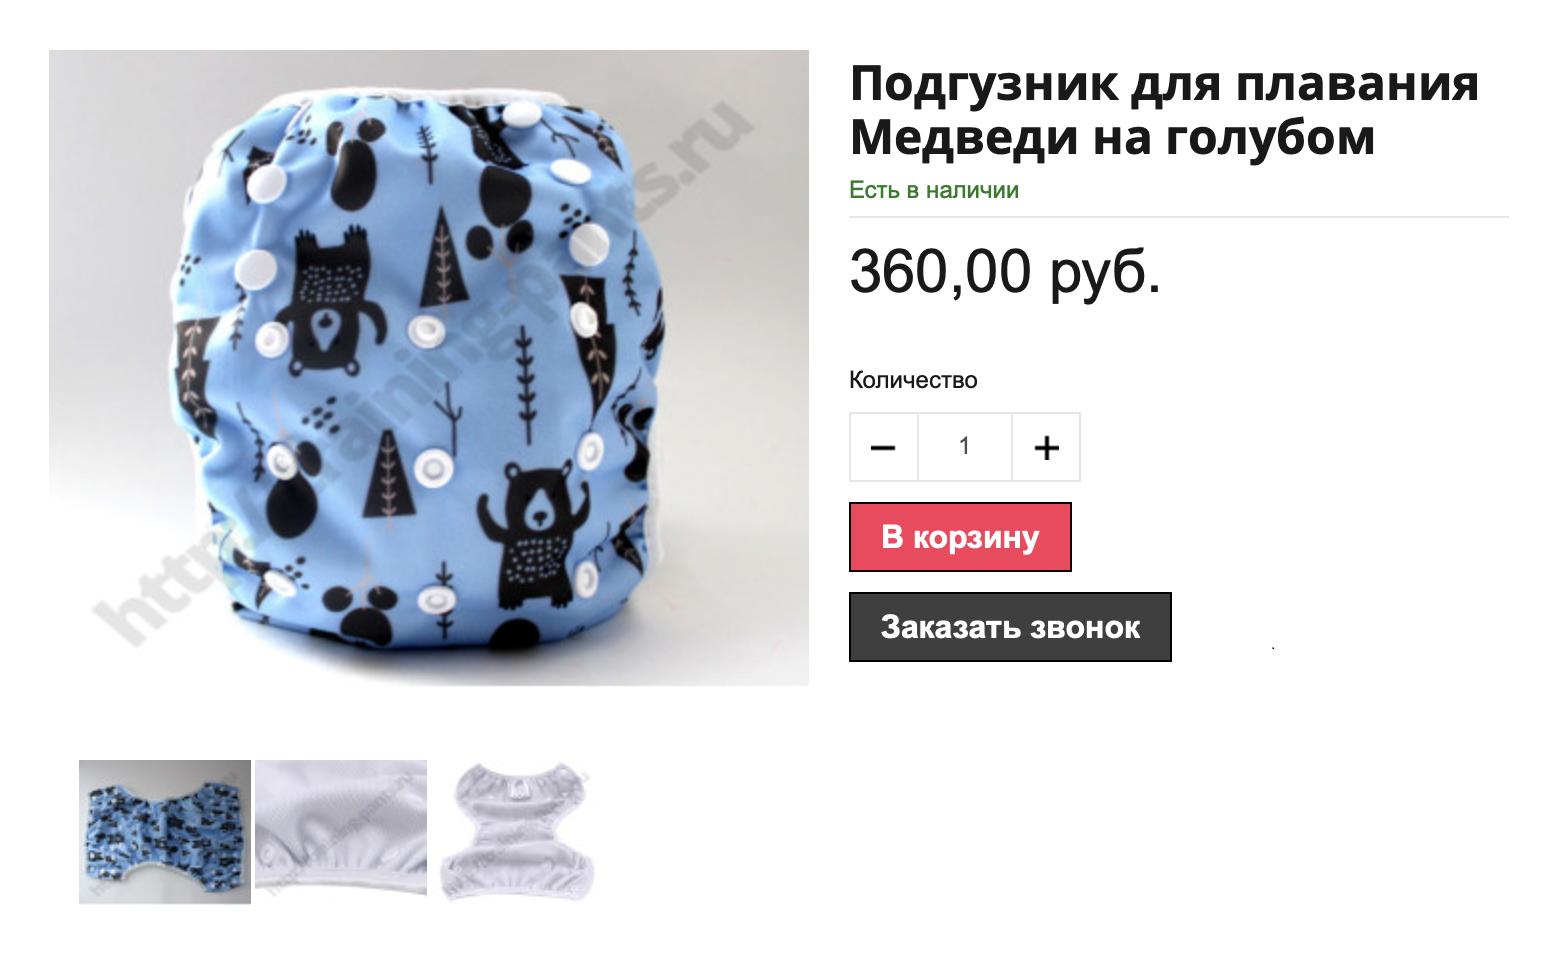 Недорогие многоразовые подгузники дляплавания в магазине «Трусишка»